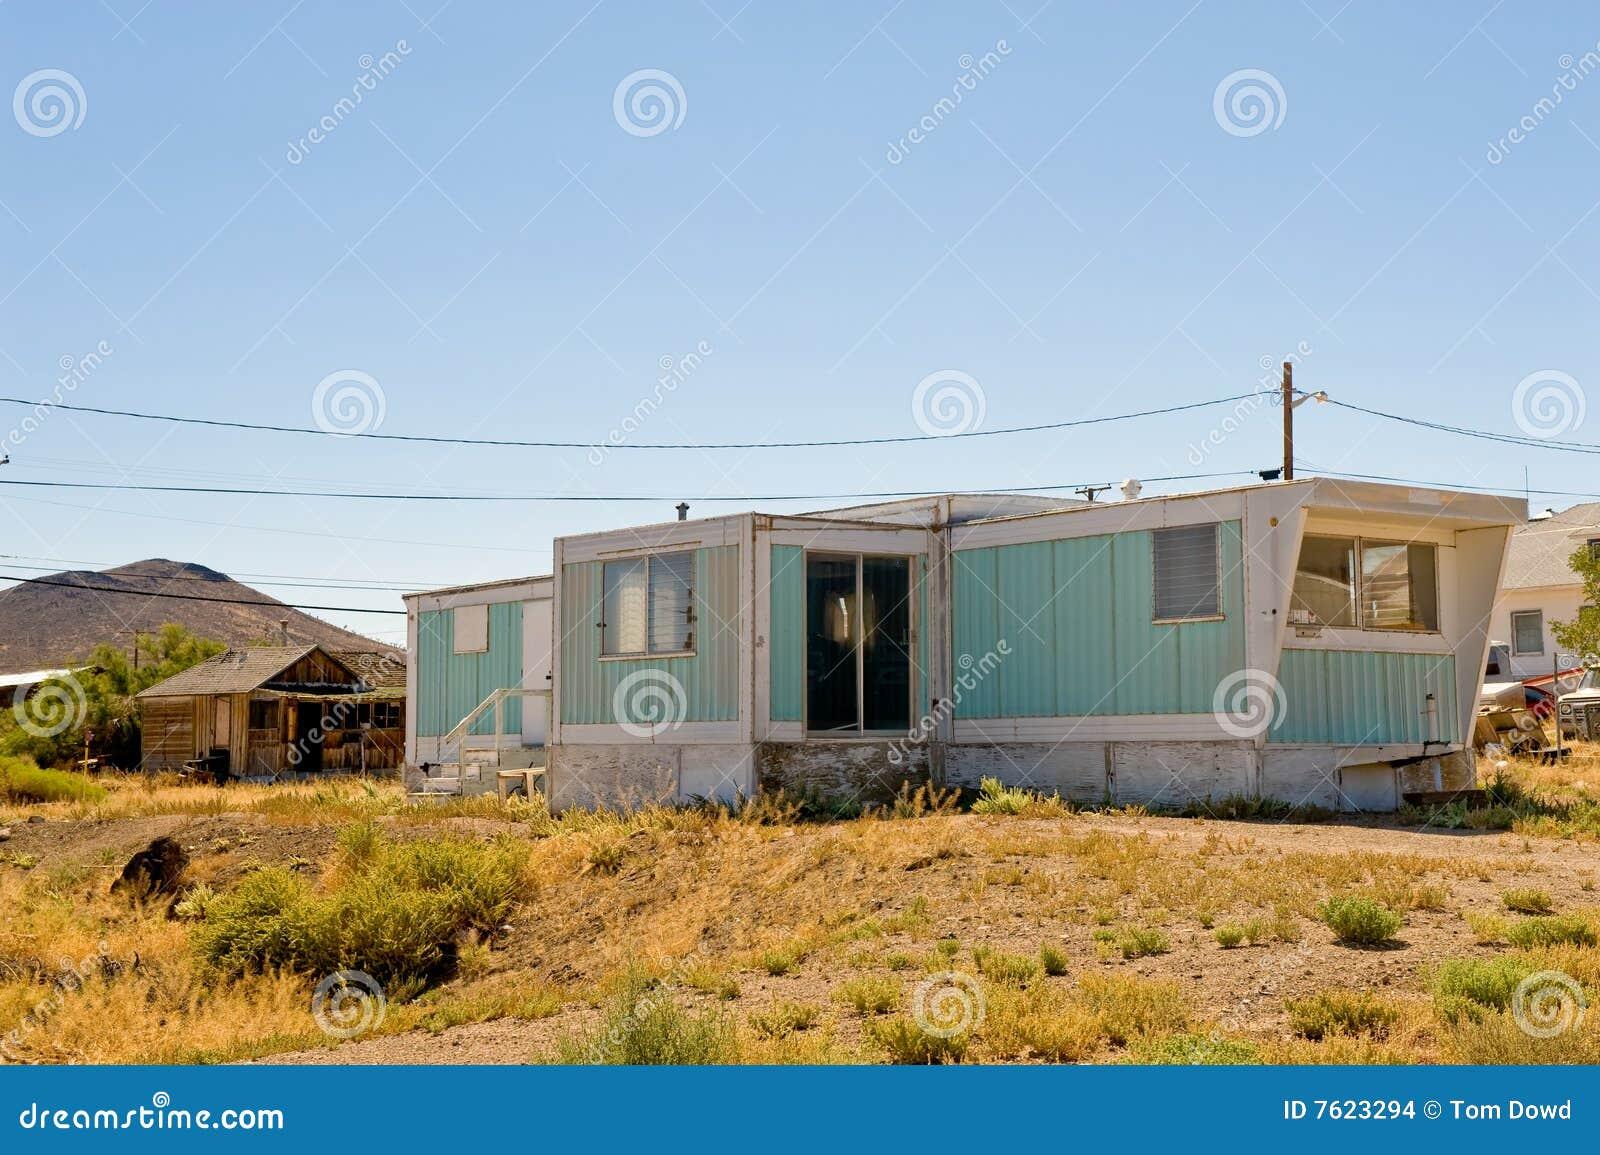 Trailer In Goldfield Desert Stock Photo - Image: 7623294